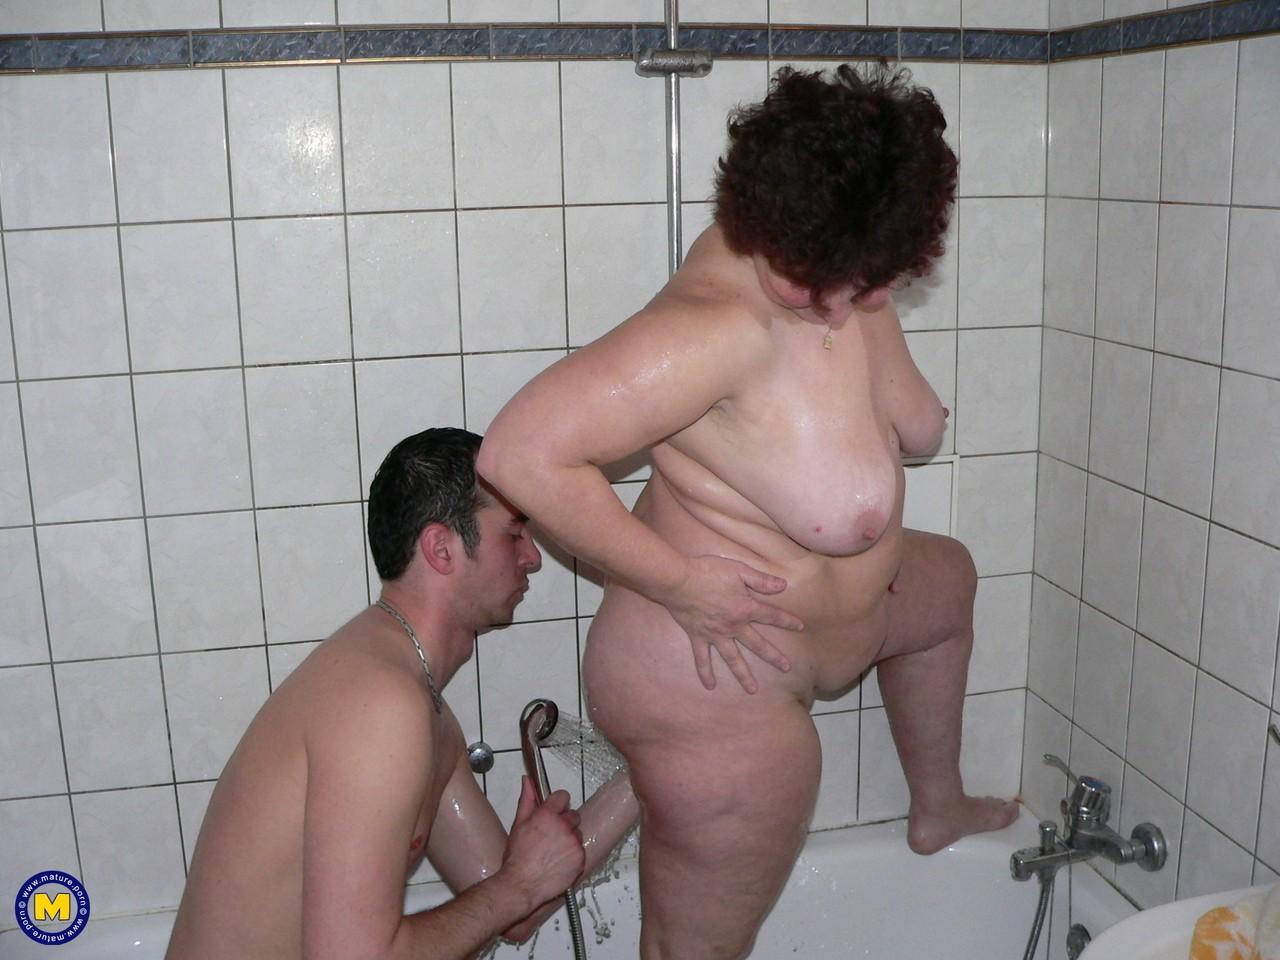 Фотки секса молодого с пассией бальзаковского возраста. Фото - 16